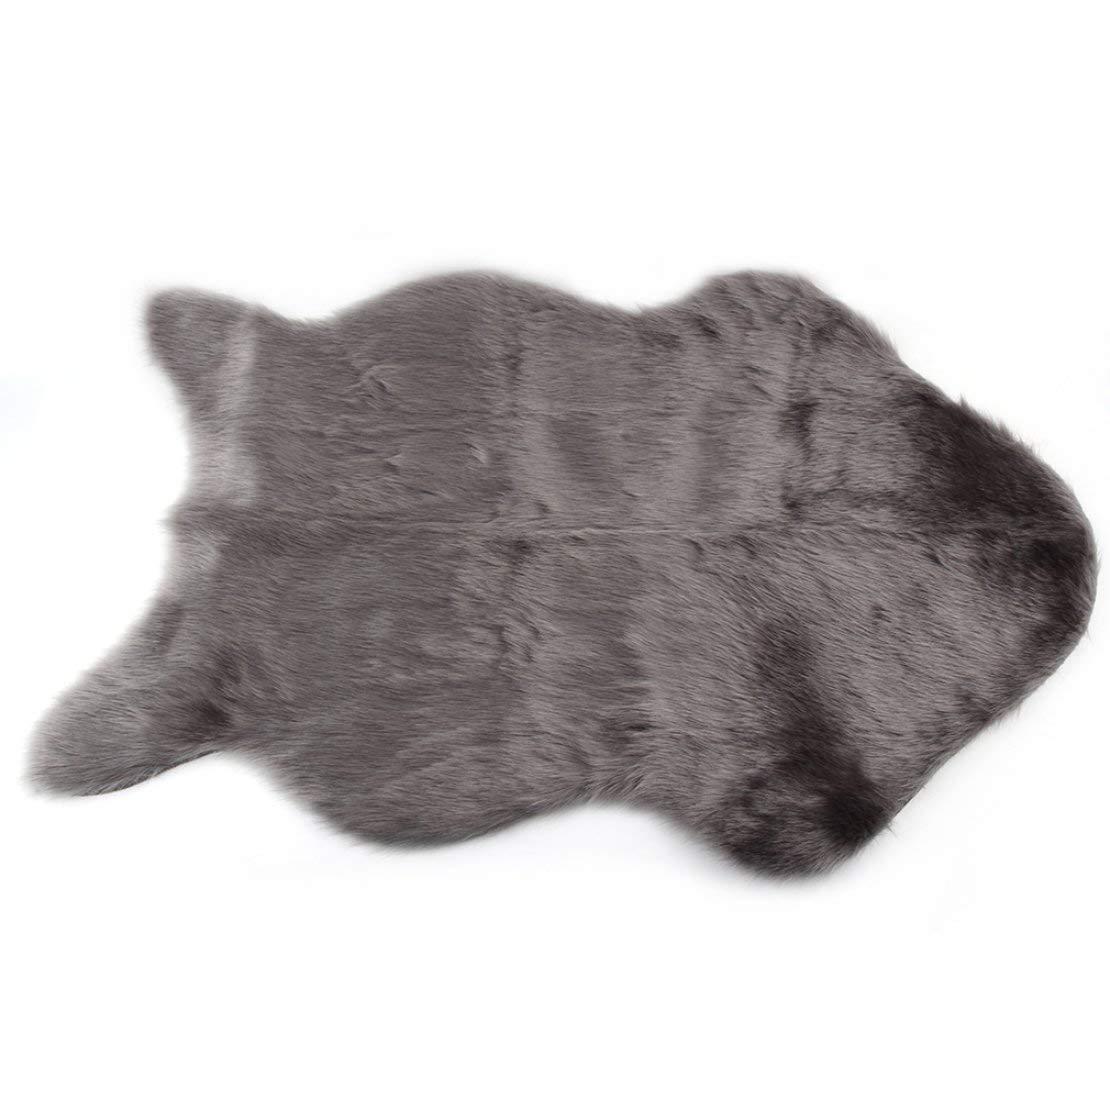 Borse di stoccaggio di nylon impermeabili portatili Donne multifunzionali sacchetti di trucco cosmetici borse da viaggio inserire borse Sanzhileg